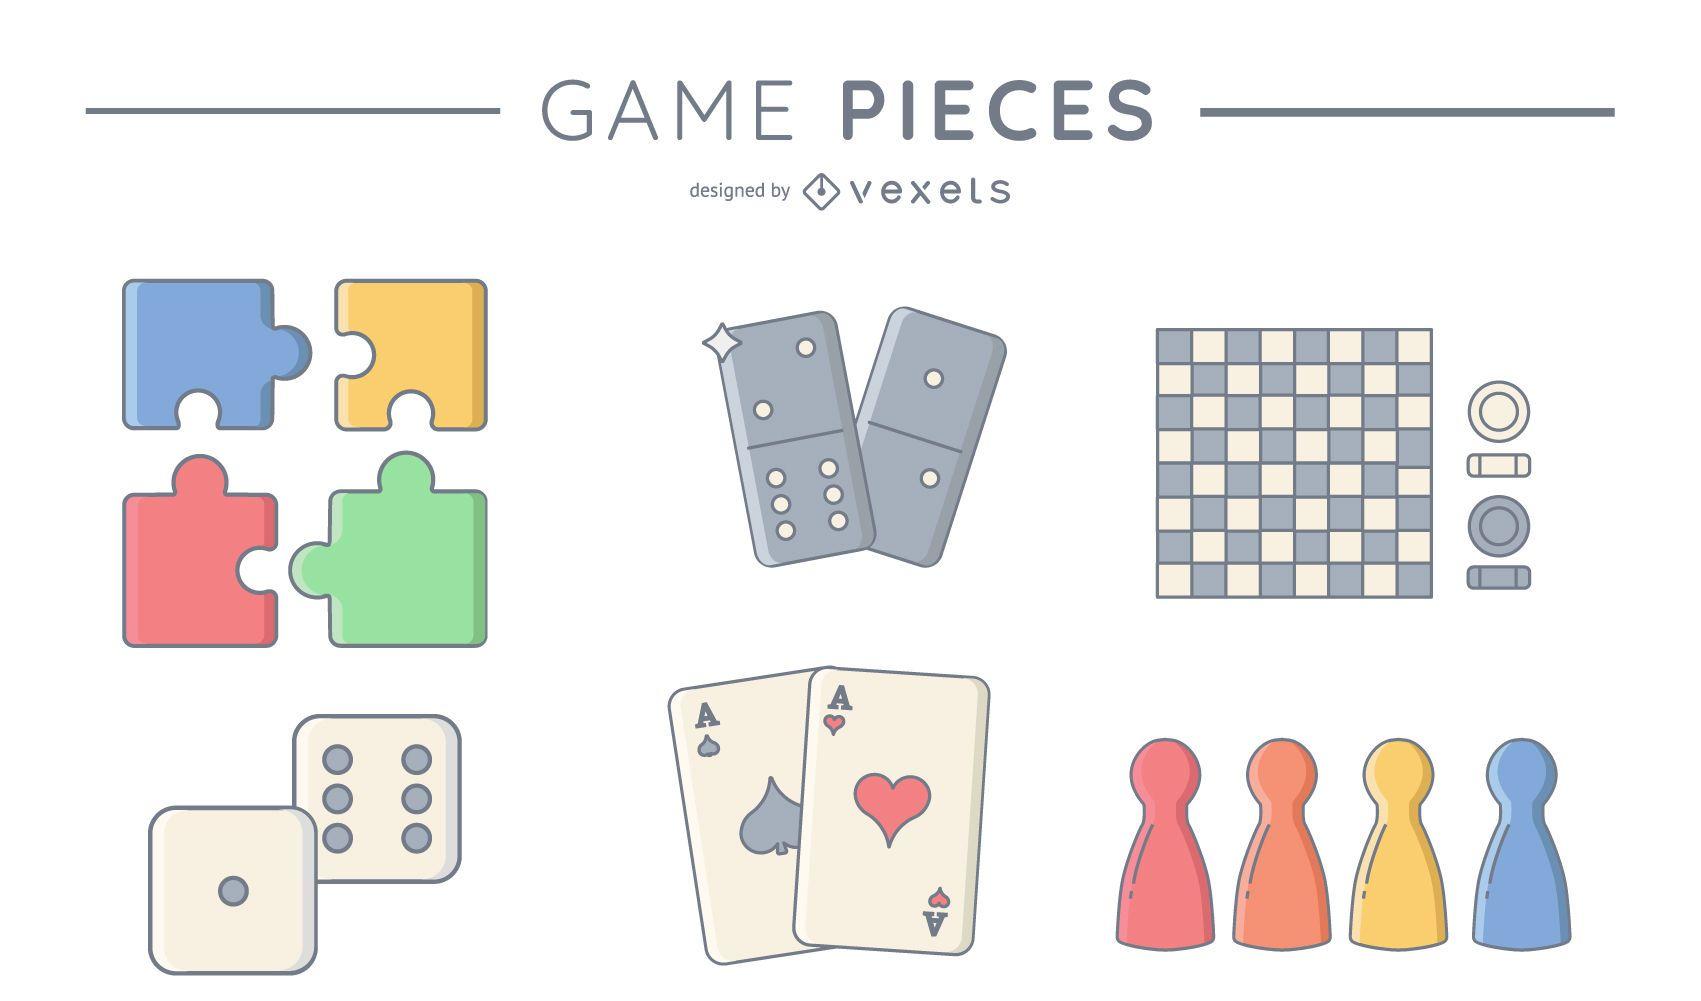 Paquete de piezas de juego n. ° 2